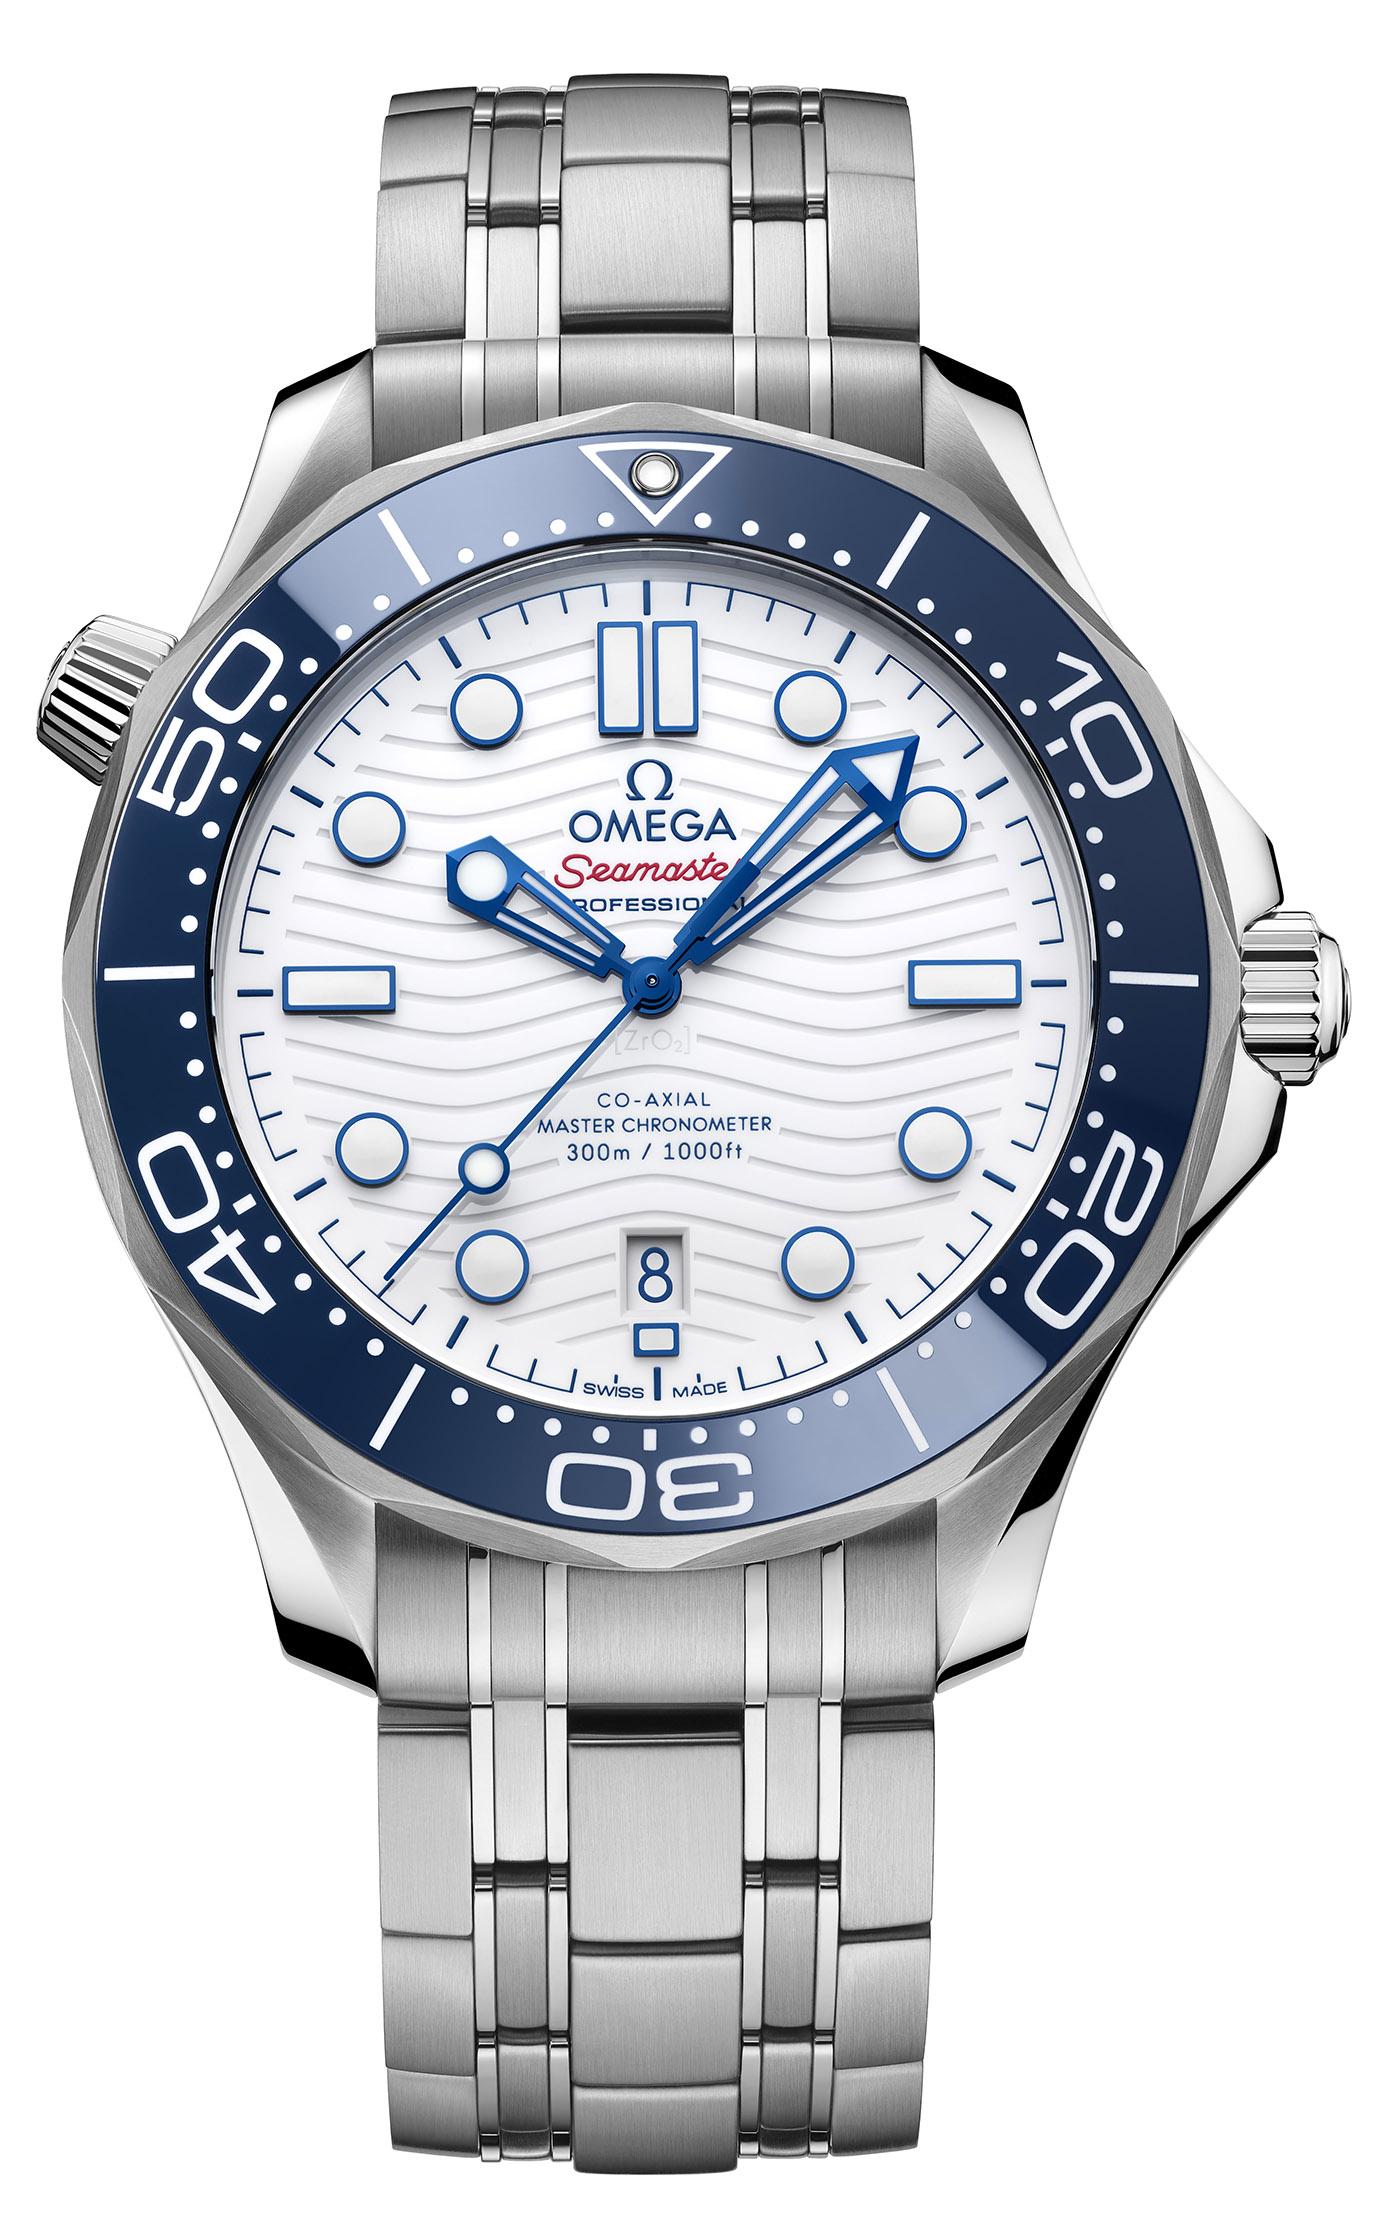 Omega Seamaster Diver 300M Tokyo 2020 4